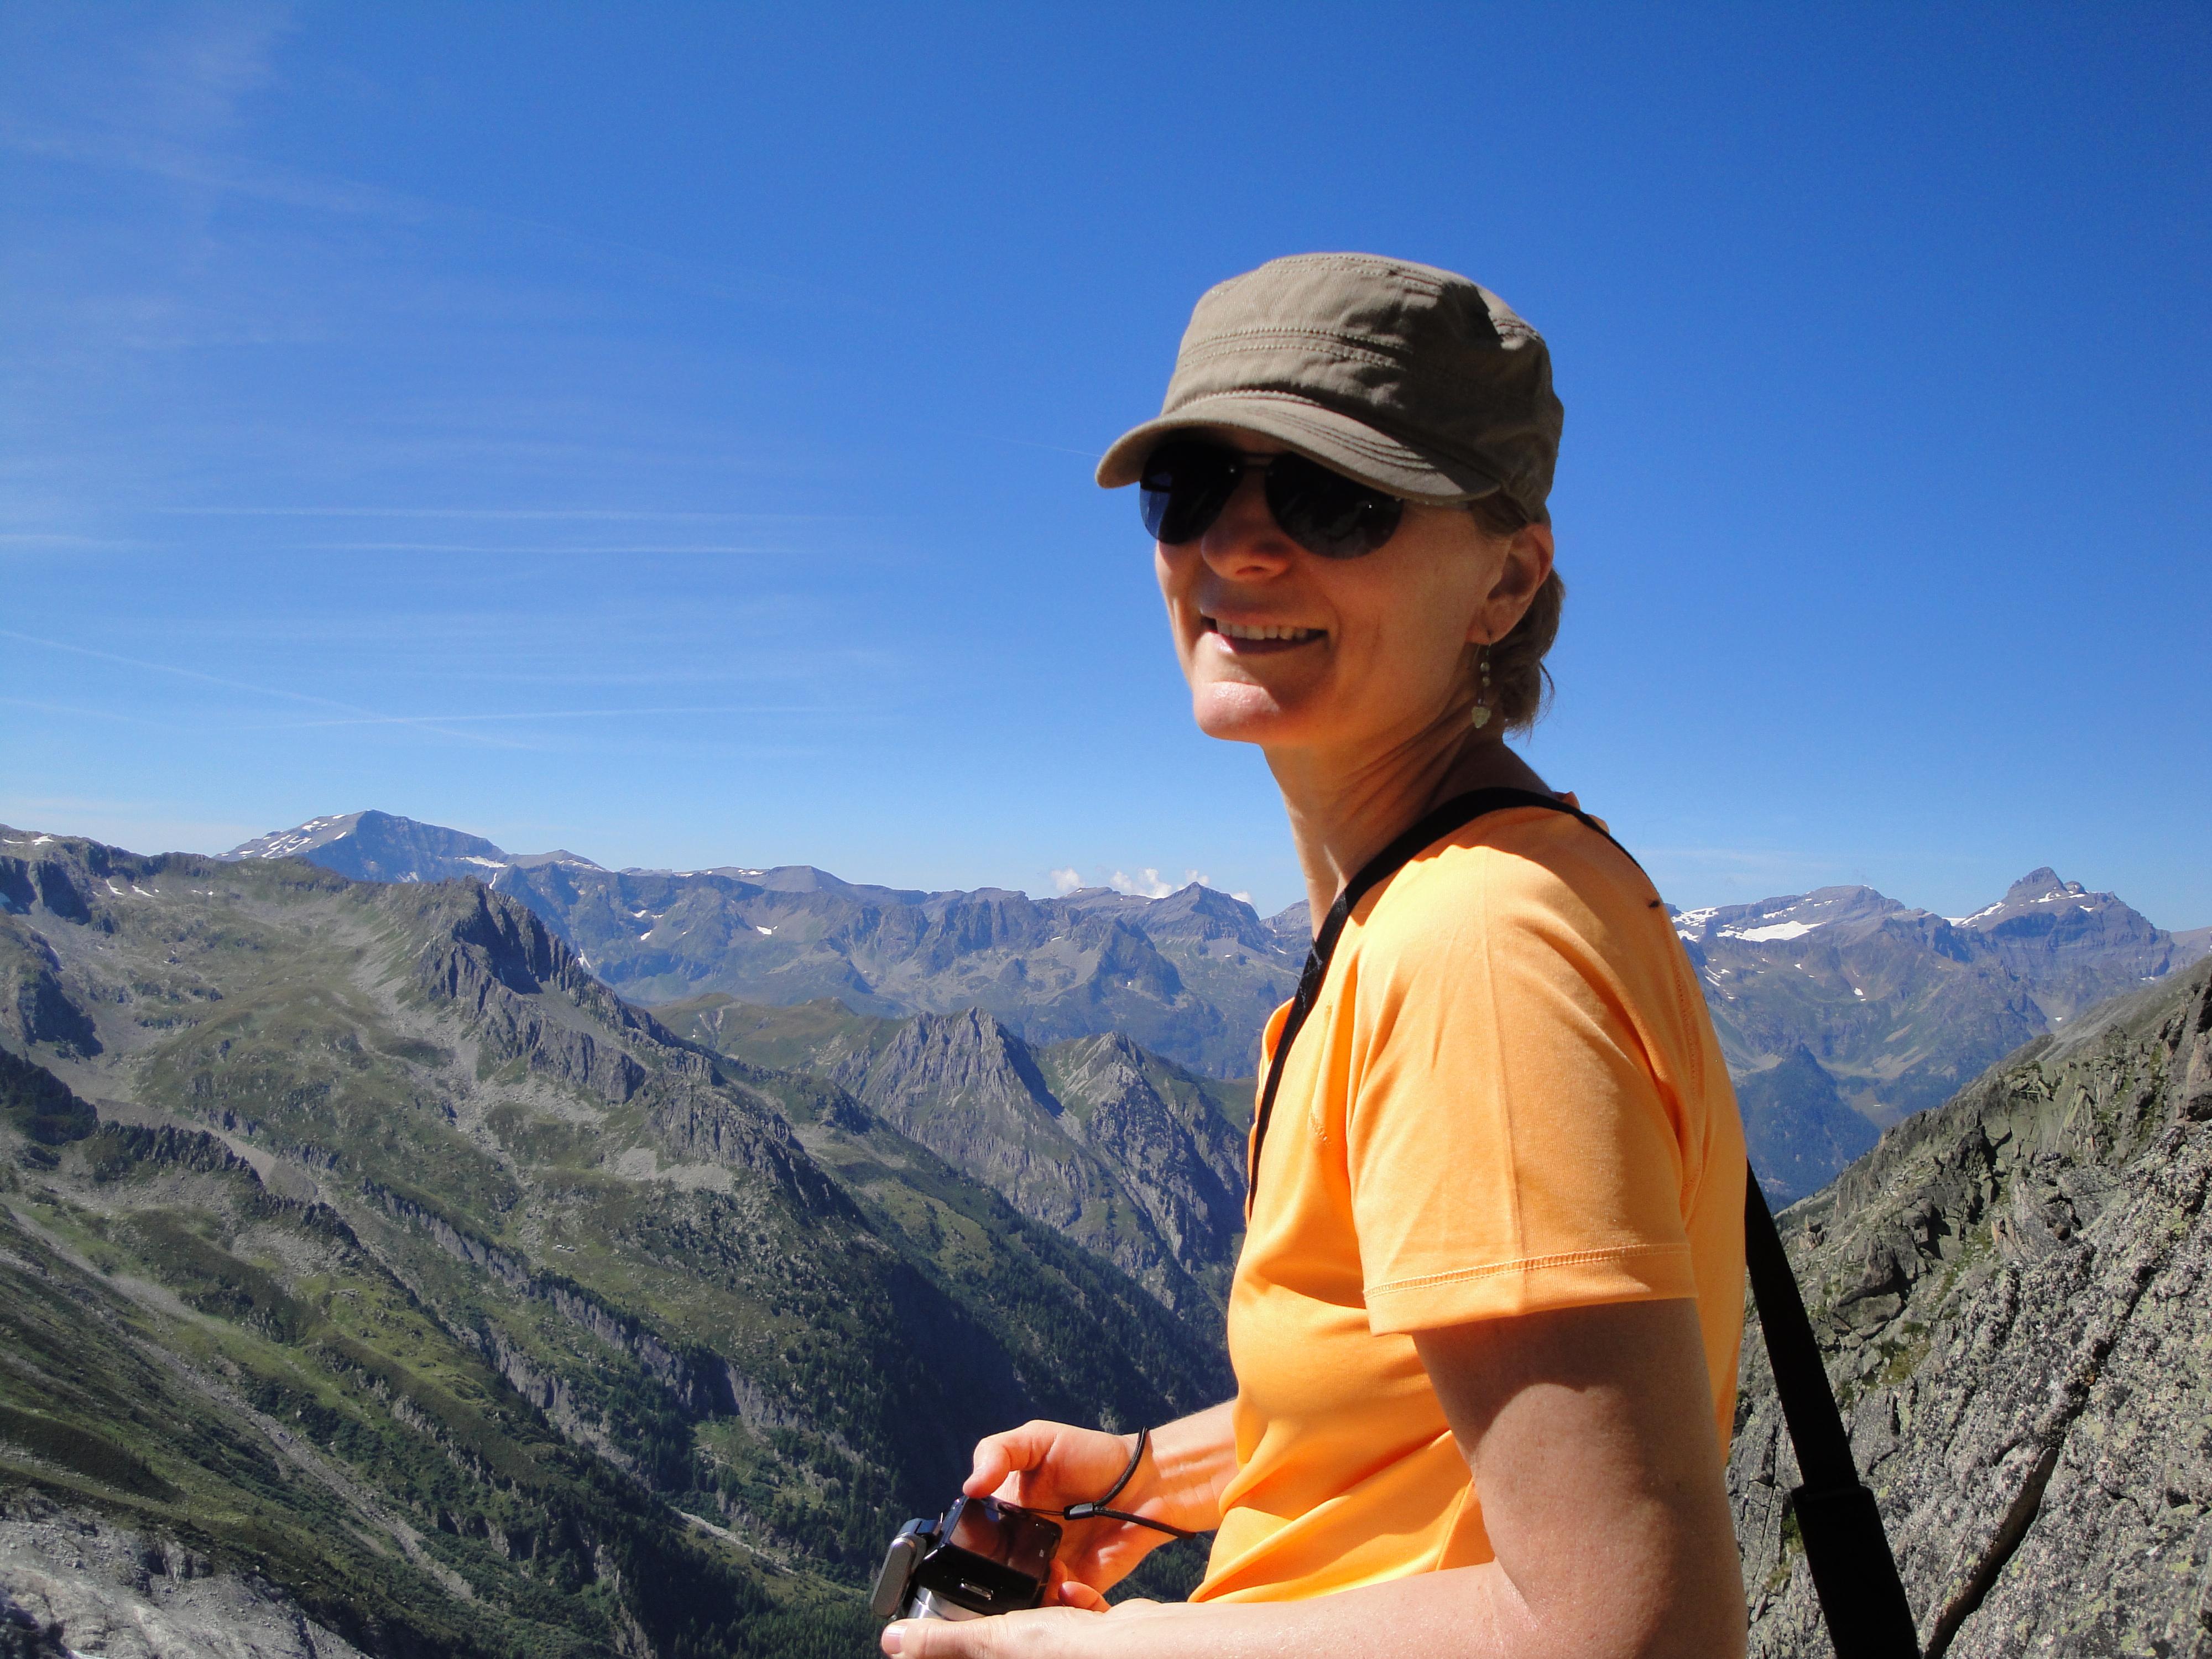 Tour du mont blanc fenetre d arpette at last lavish for Fenetre d arpette